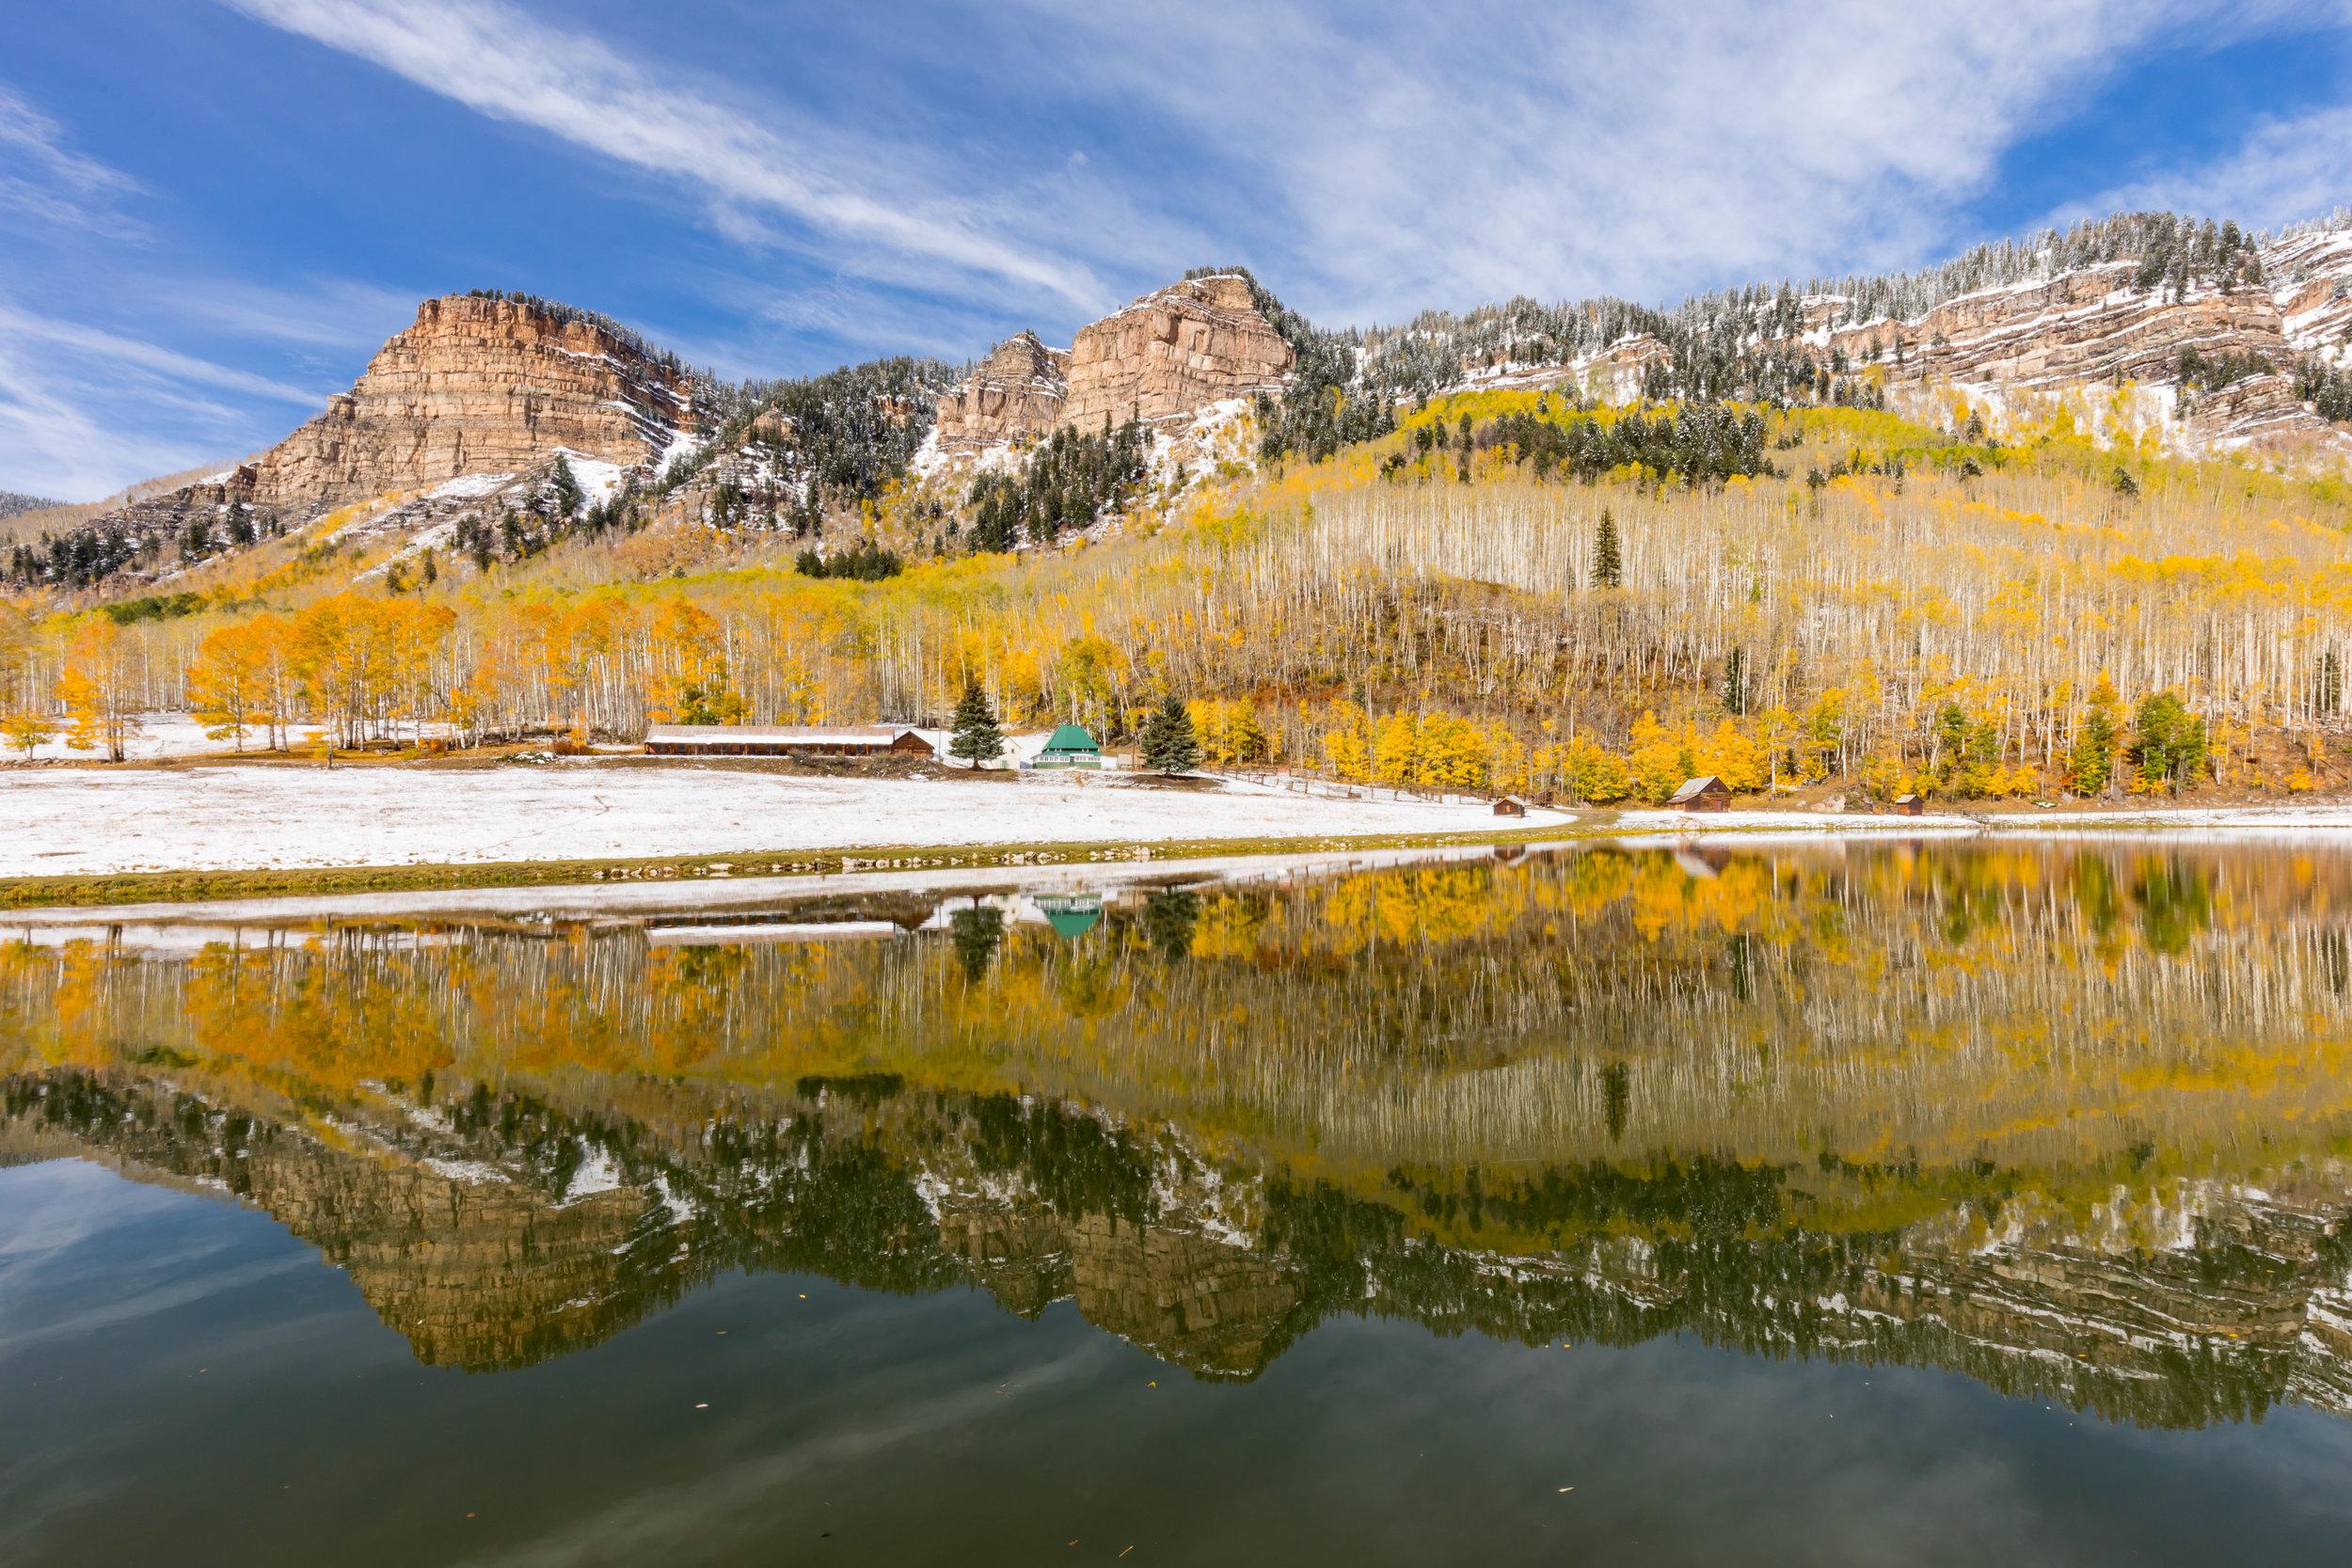 Hotter Pond, Image # 9942